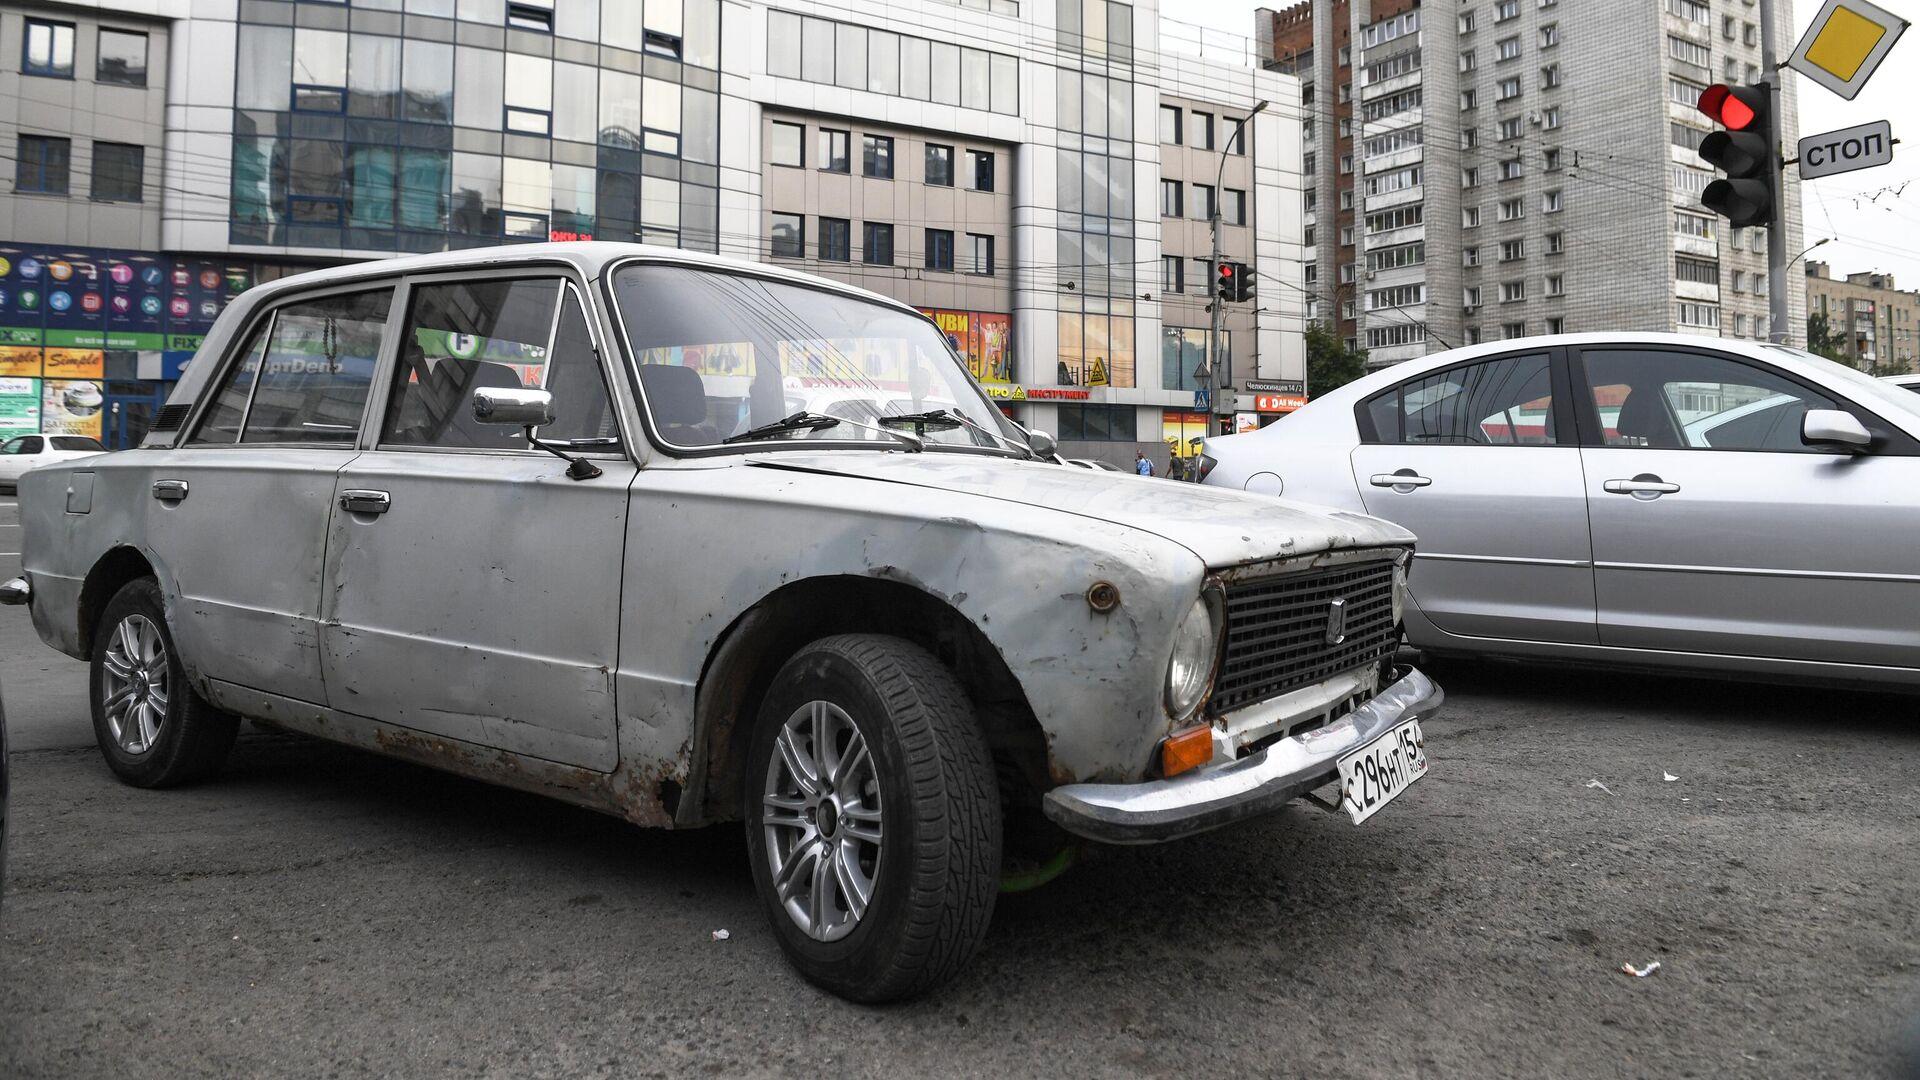 Автомобиль ВАЗ 2101 - РИА Новости, 1920, 21.02.2020